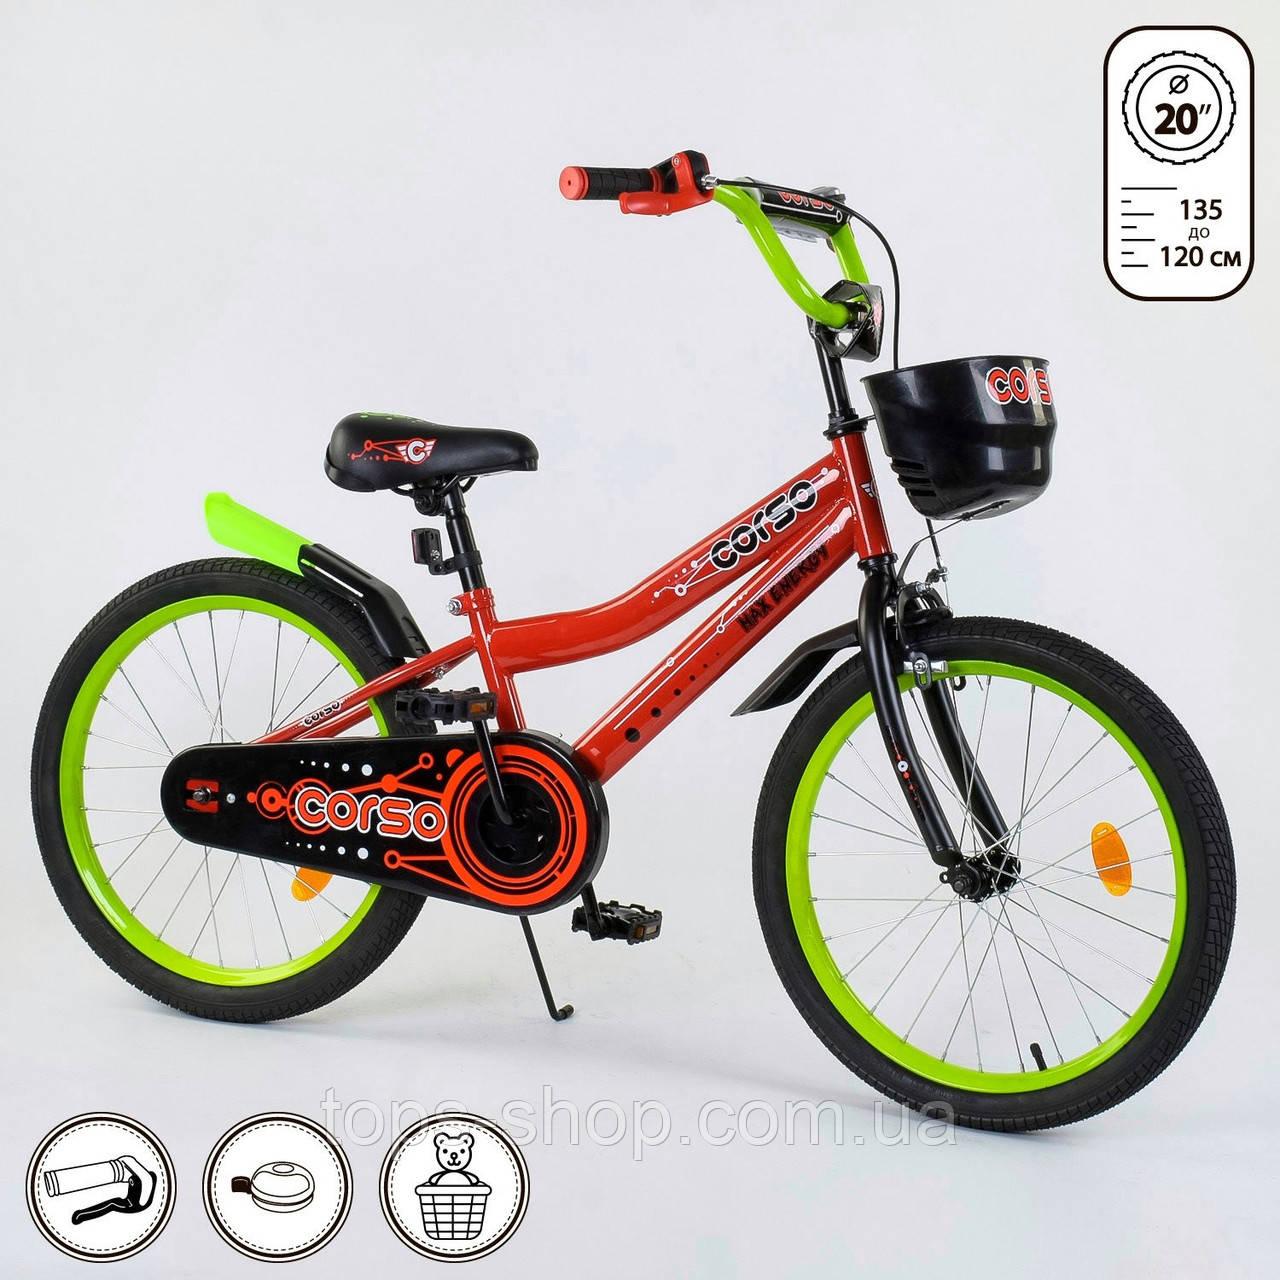 """Велосипед 20 дюймів 2-х колісний """"CORSO"""" Червоний, ручного гальма, дзвіночок, кошик, підніжка"""